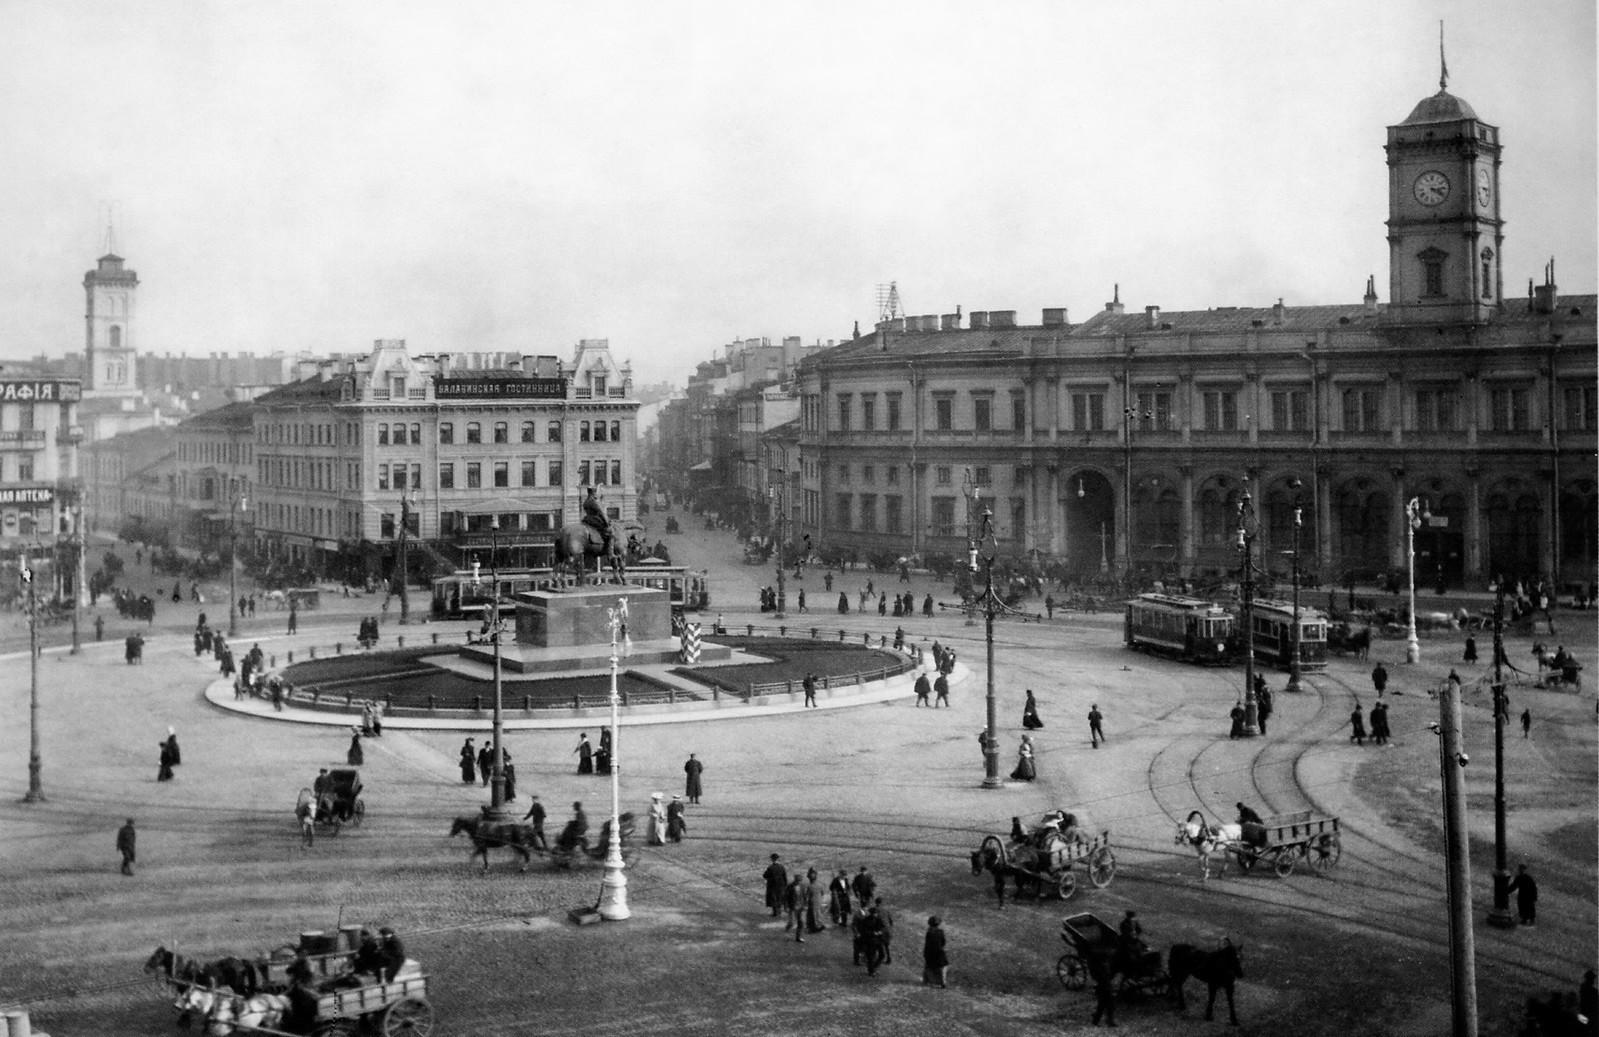 Знаменская площадь. Вид на Николаевский вокзал и памятник Александру III